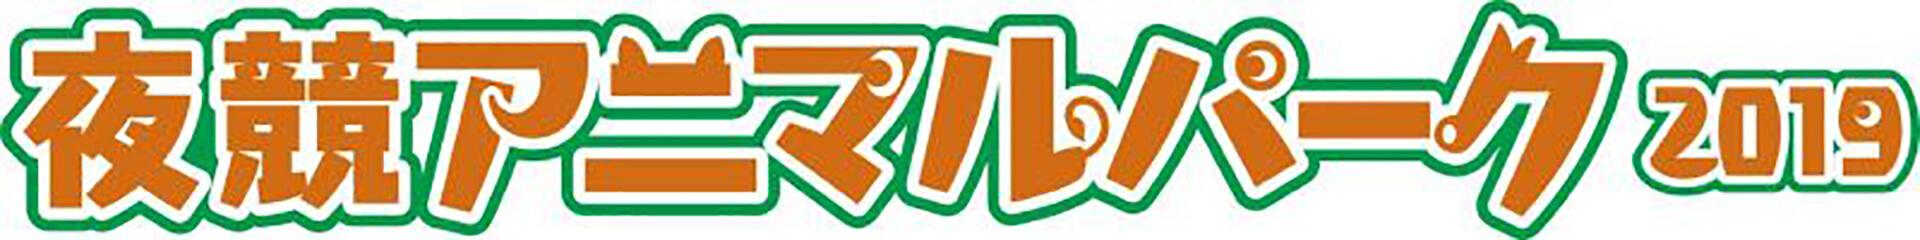 アニマルパークの文字ロゴ